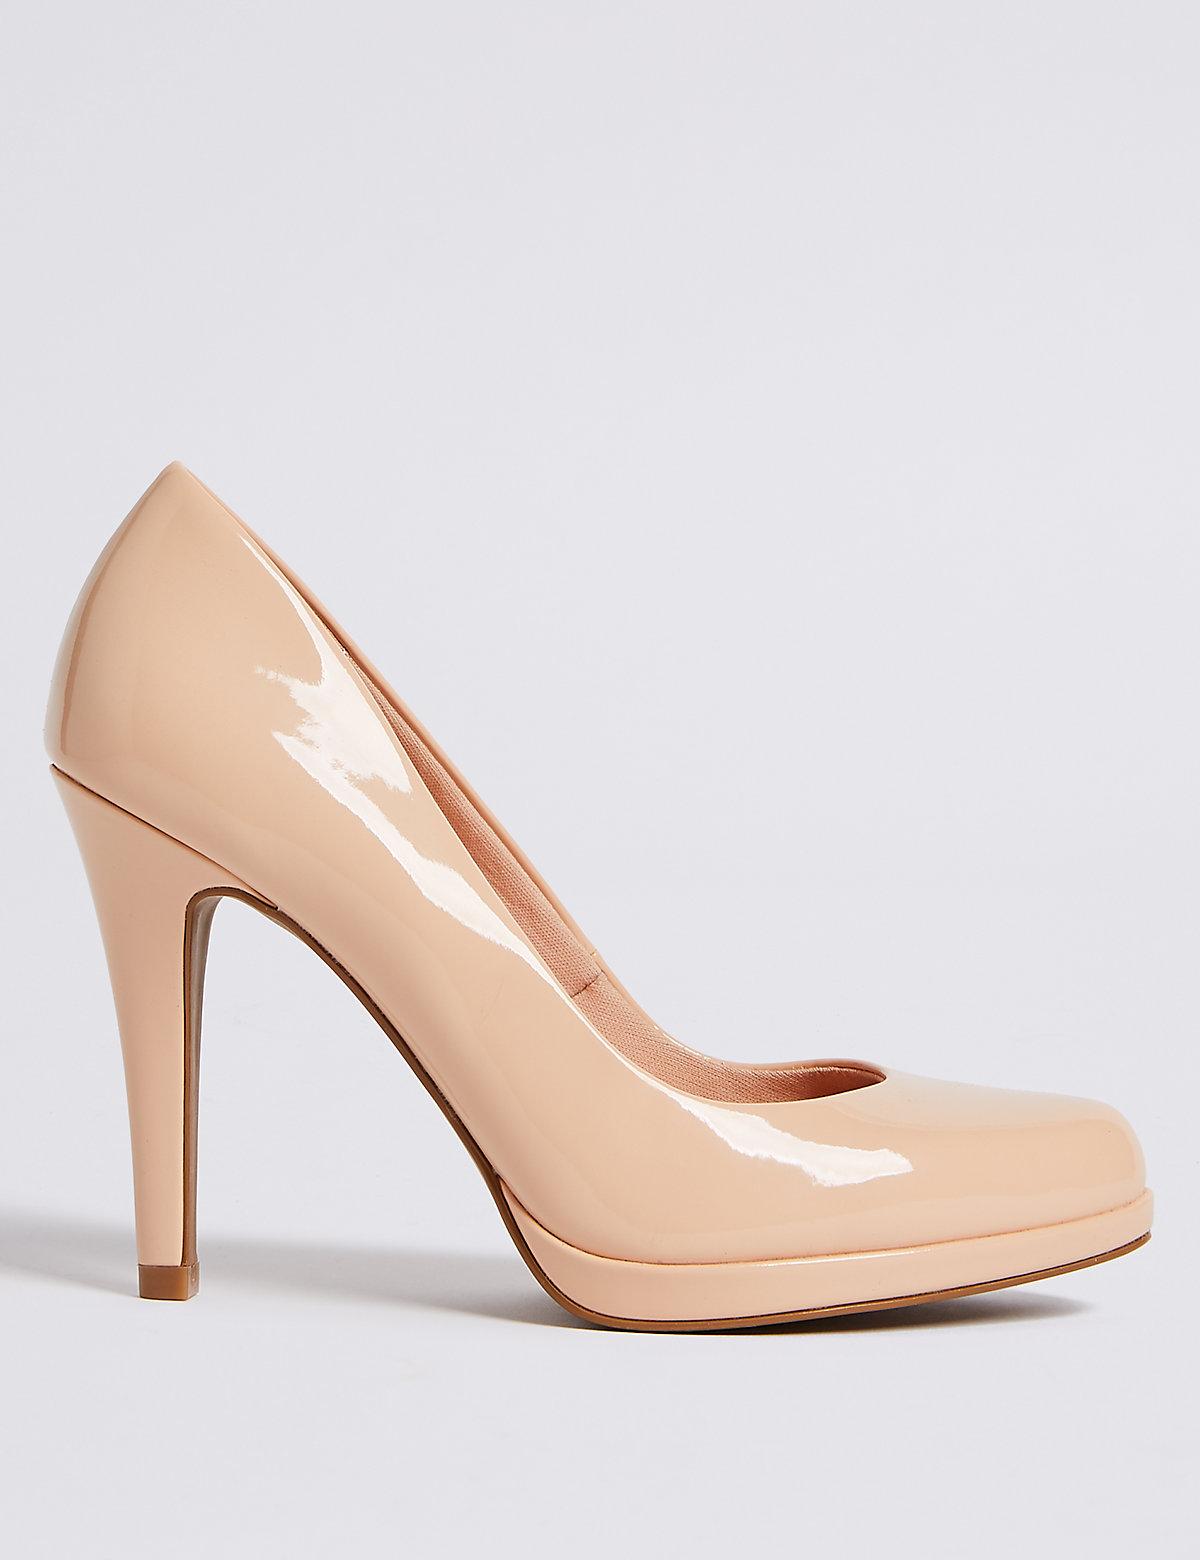 Туфли-лодочки лакированные, на высоком каблуке, карамельные